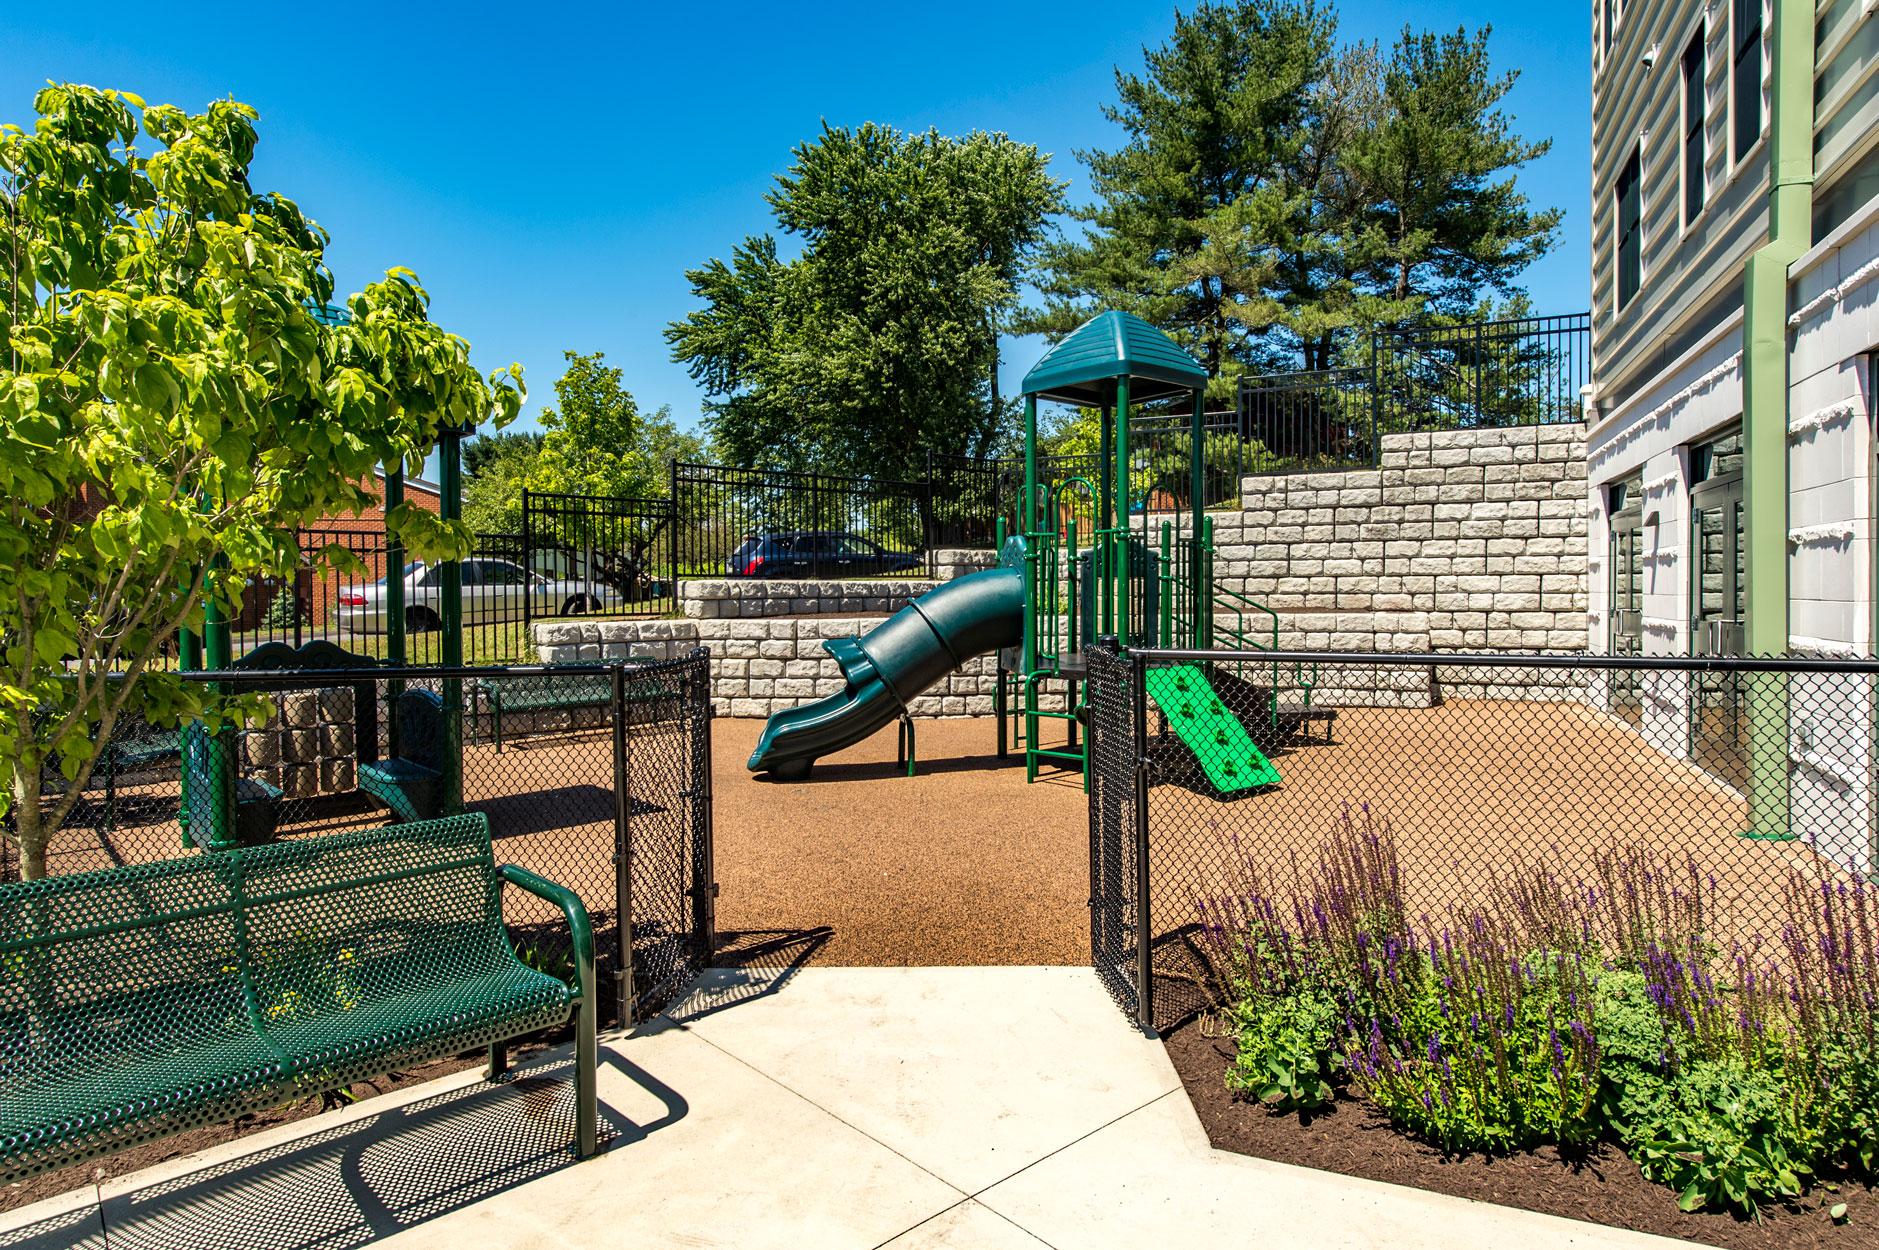 Holyoke Farms Playground